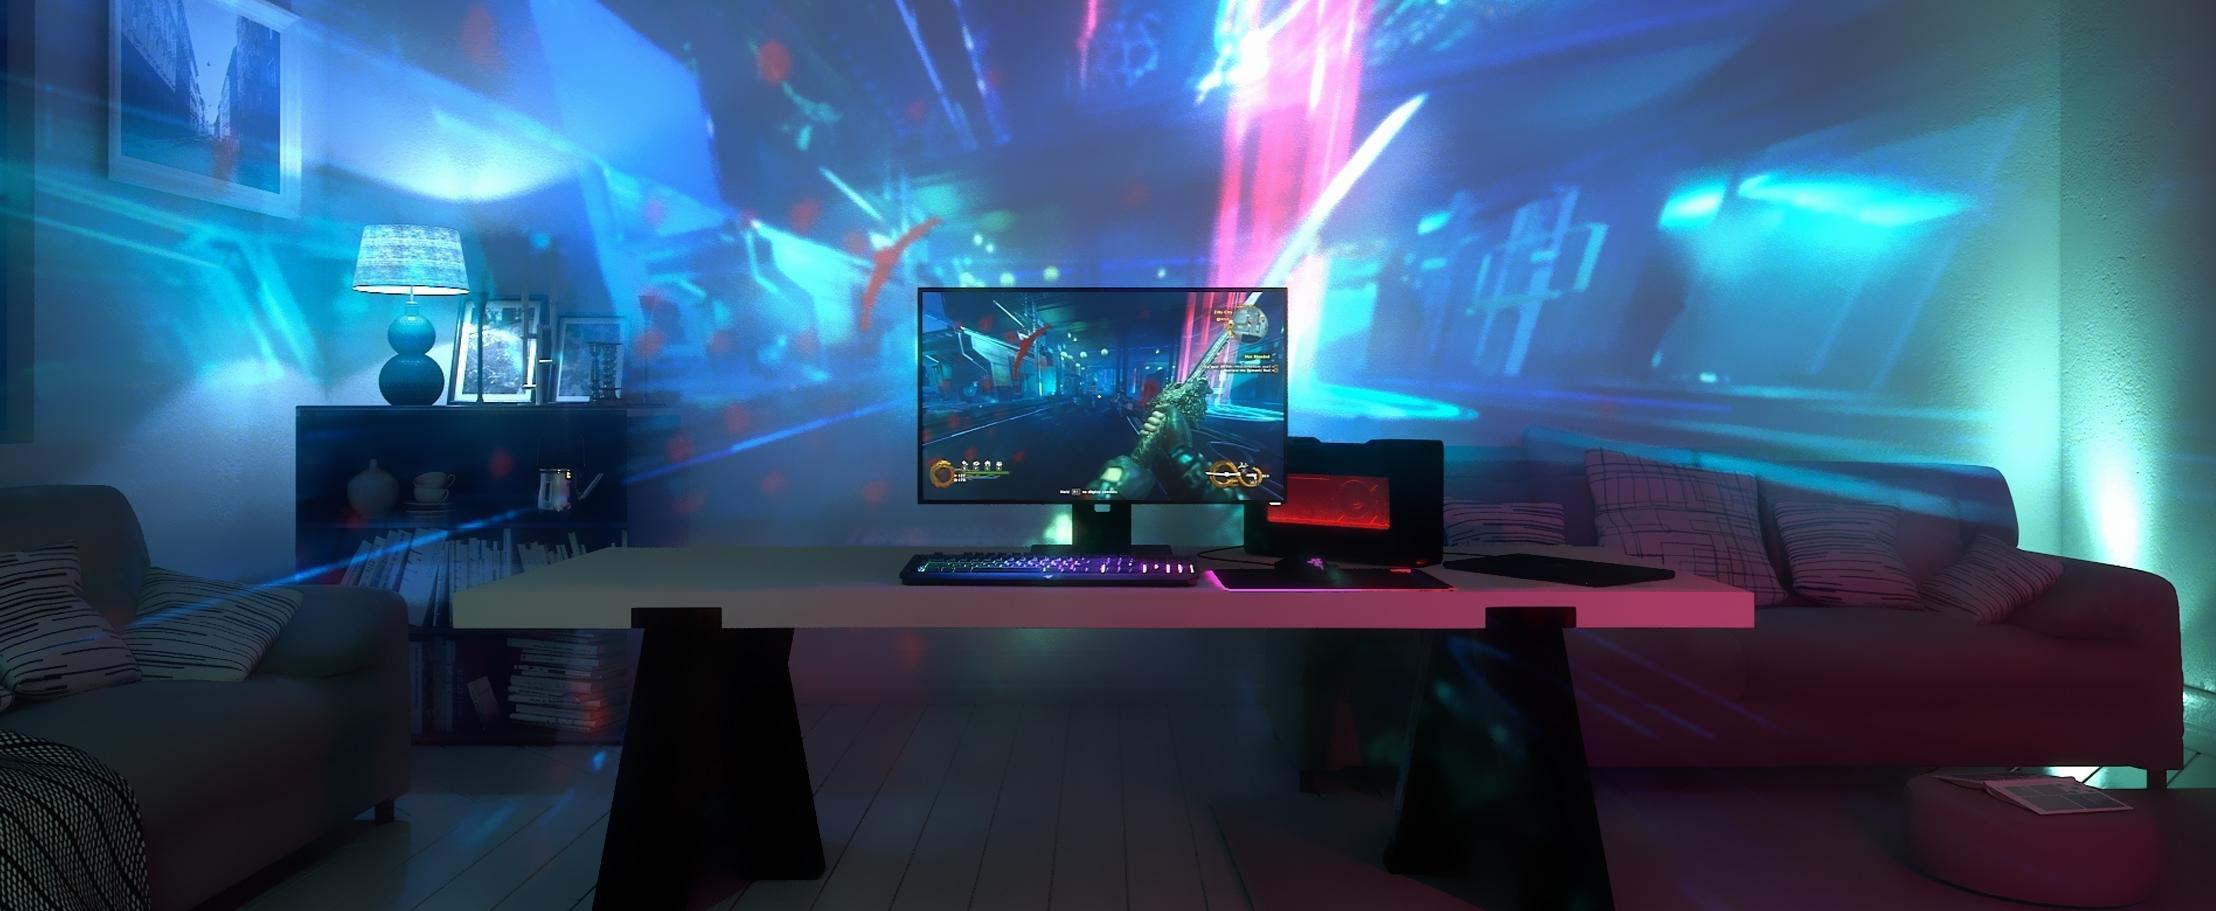 Почему AMD FreeSync в игровых мониторах лучше NVIDIA G-Sync?